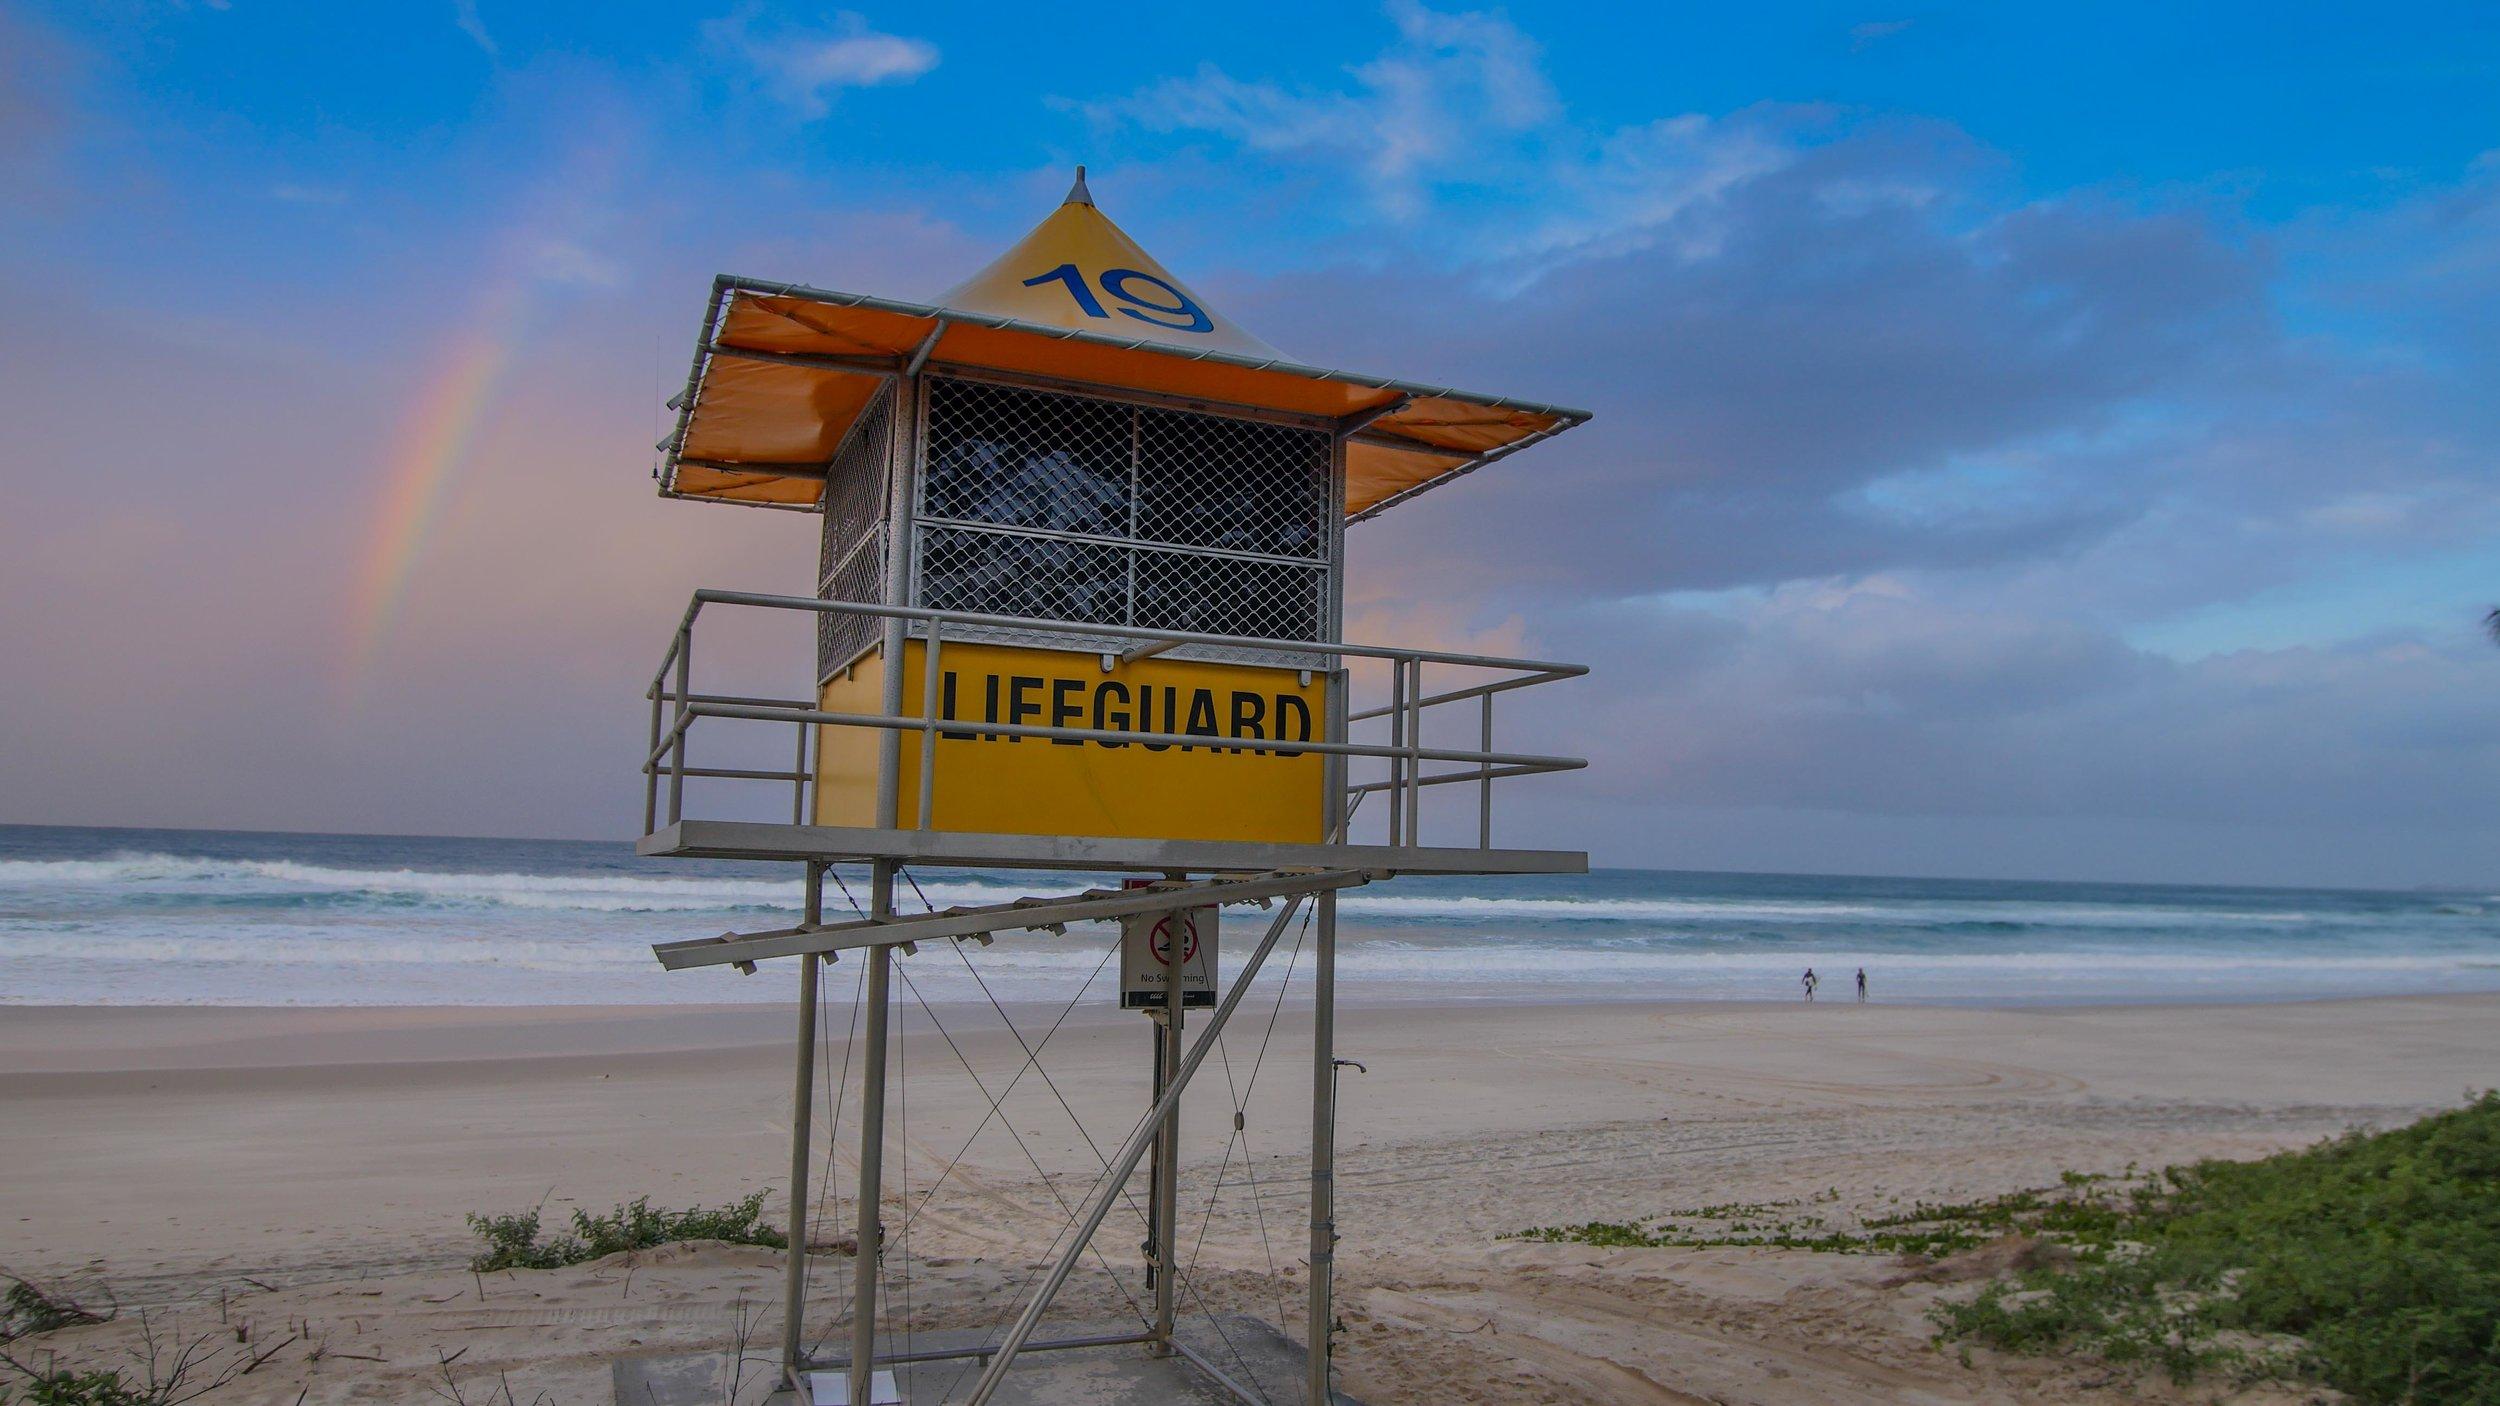 Gold Coast Lifeguard tower 19, Burliegh Heads, GOld Coast, Australia